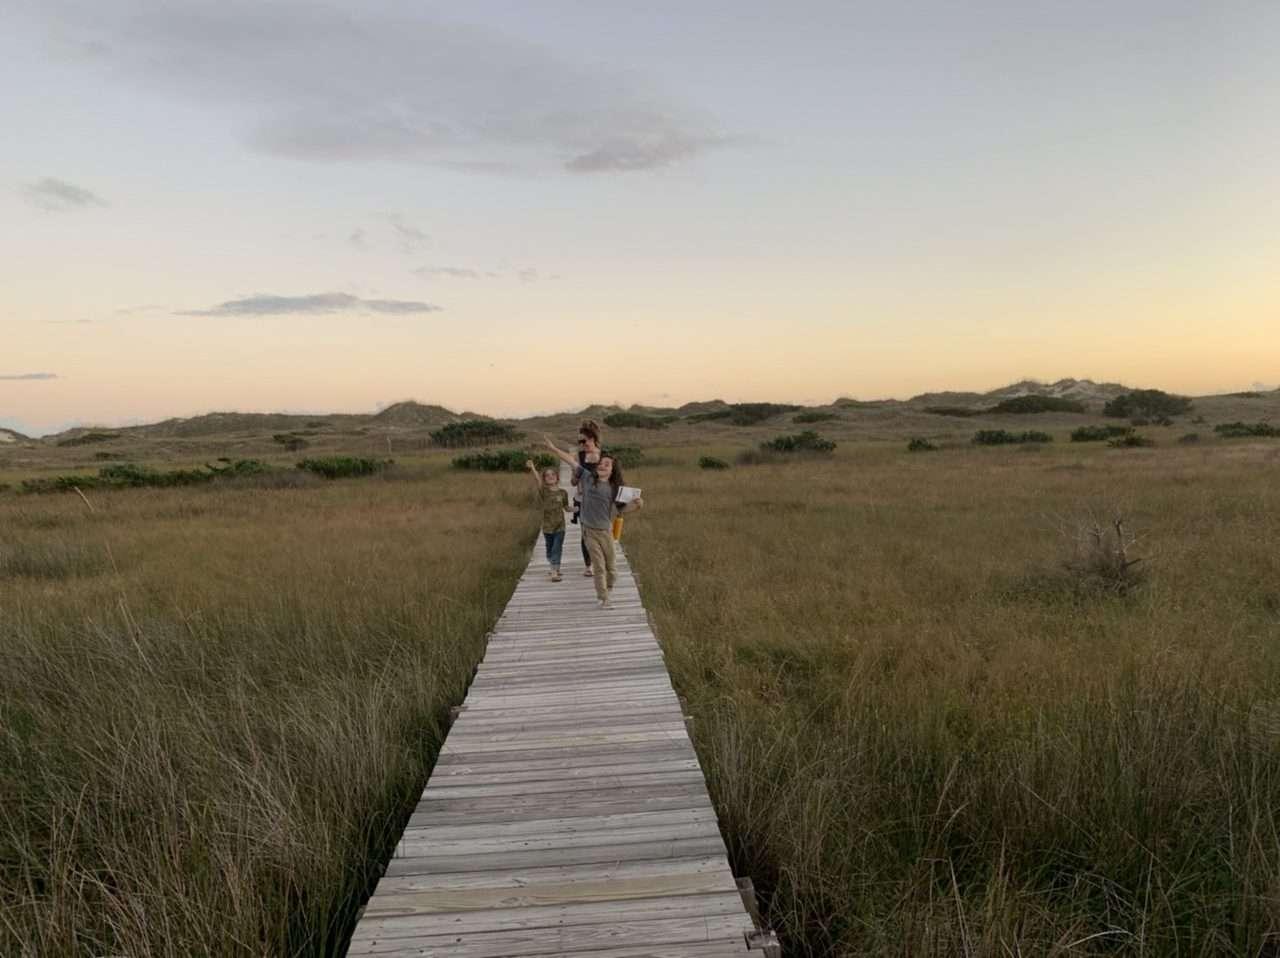 A family walks along a boardwalk near the ocean in Cape Hatteras National Seashore